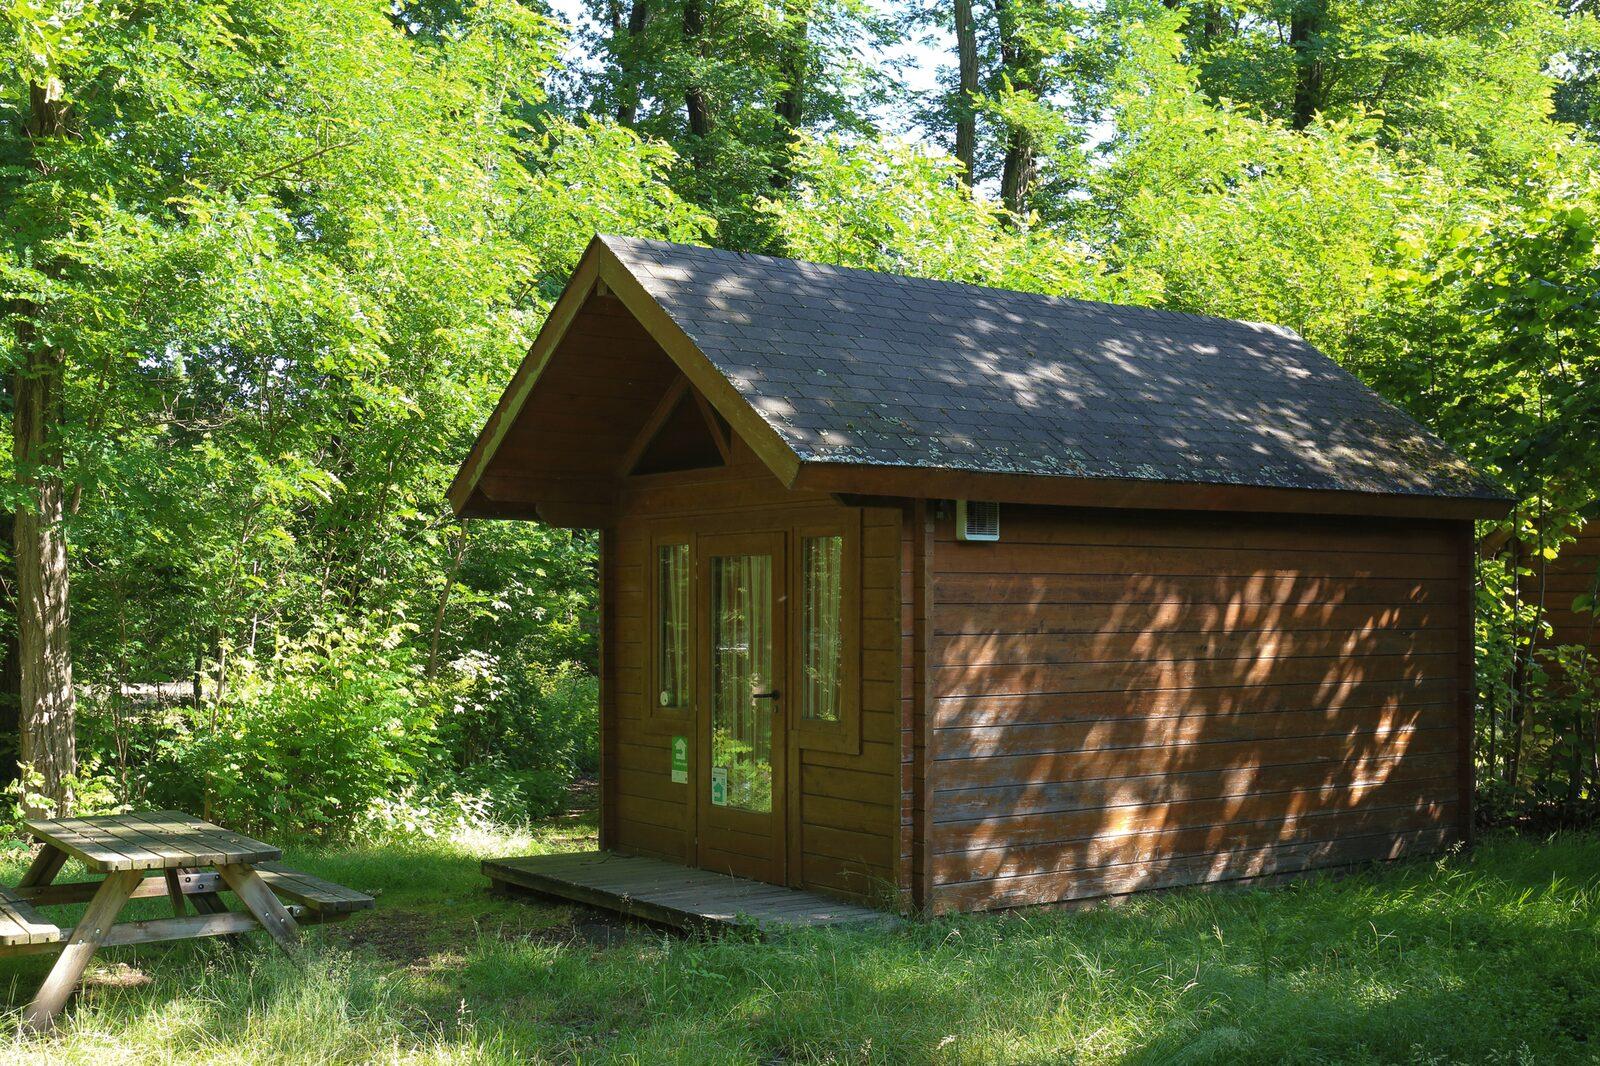 Campinghütte für 4 Personen